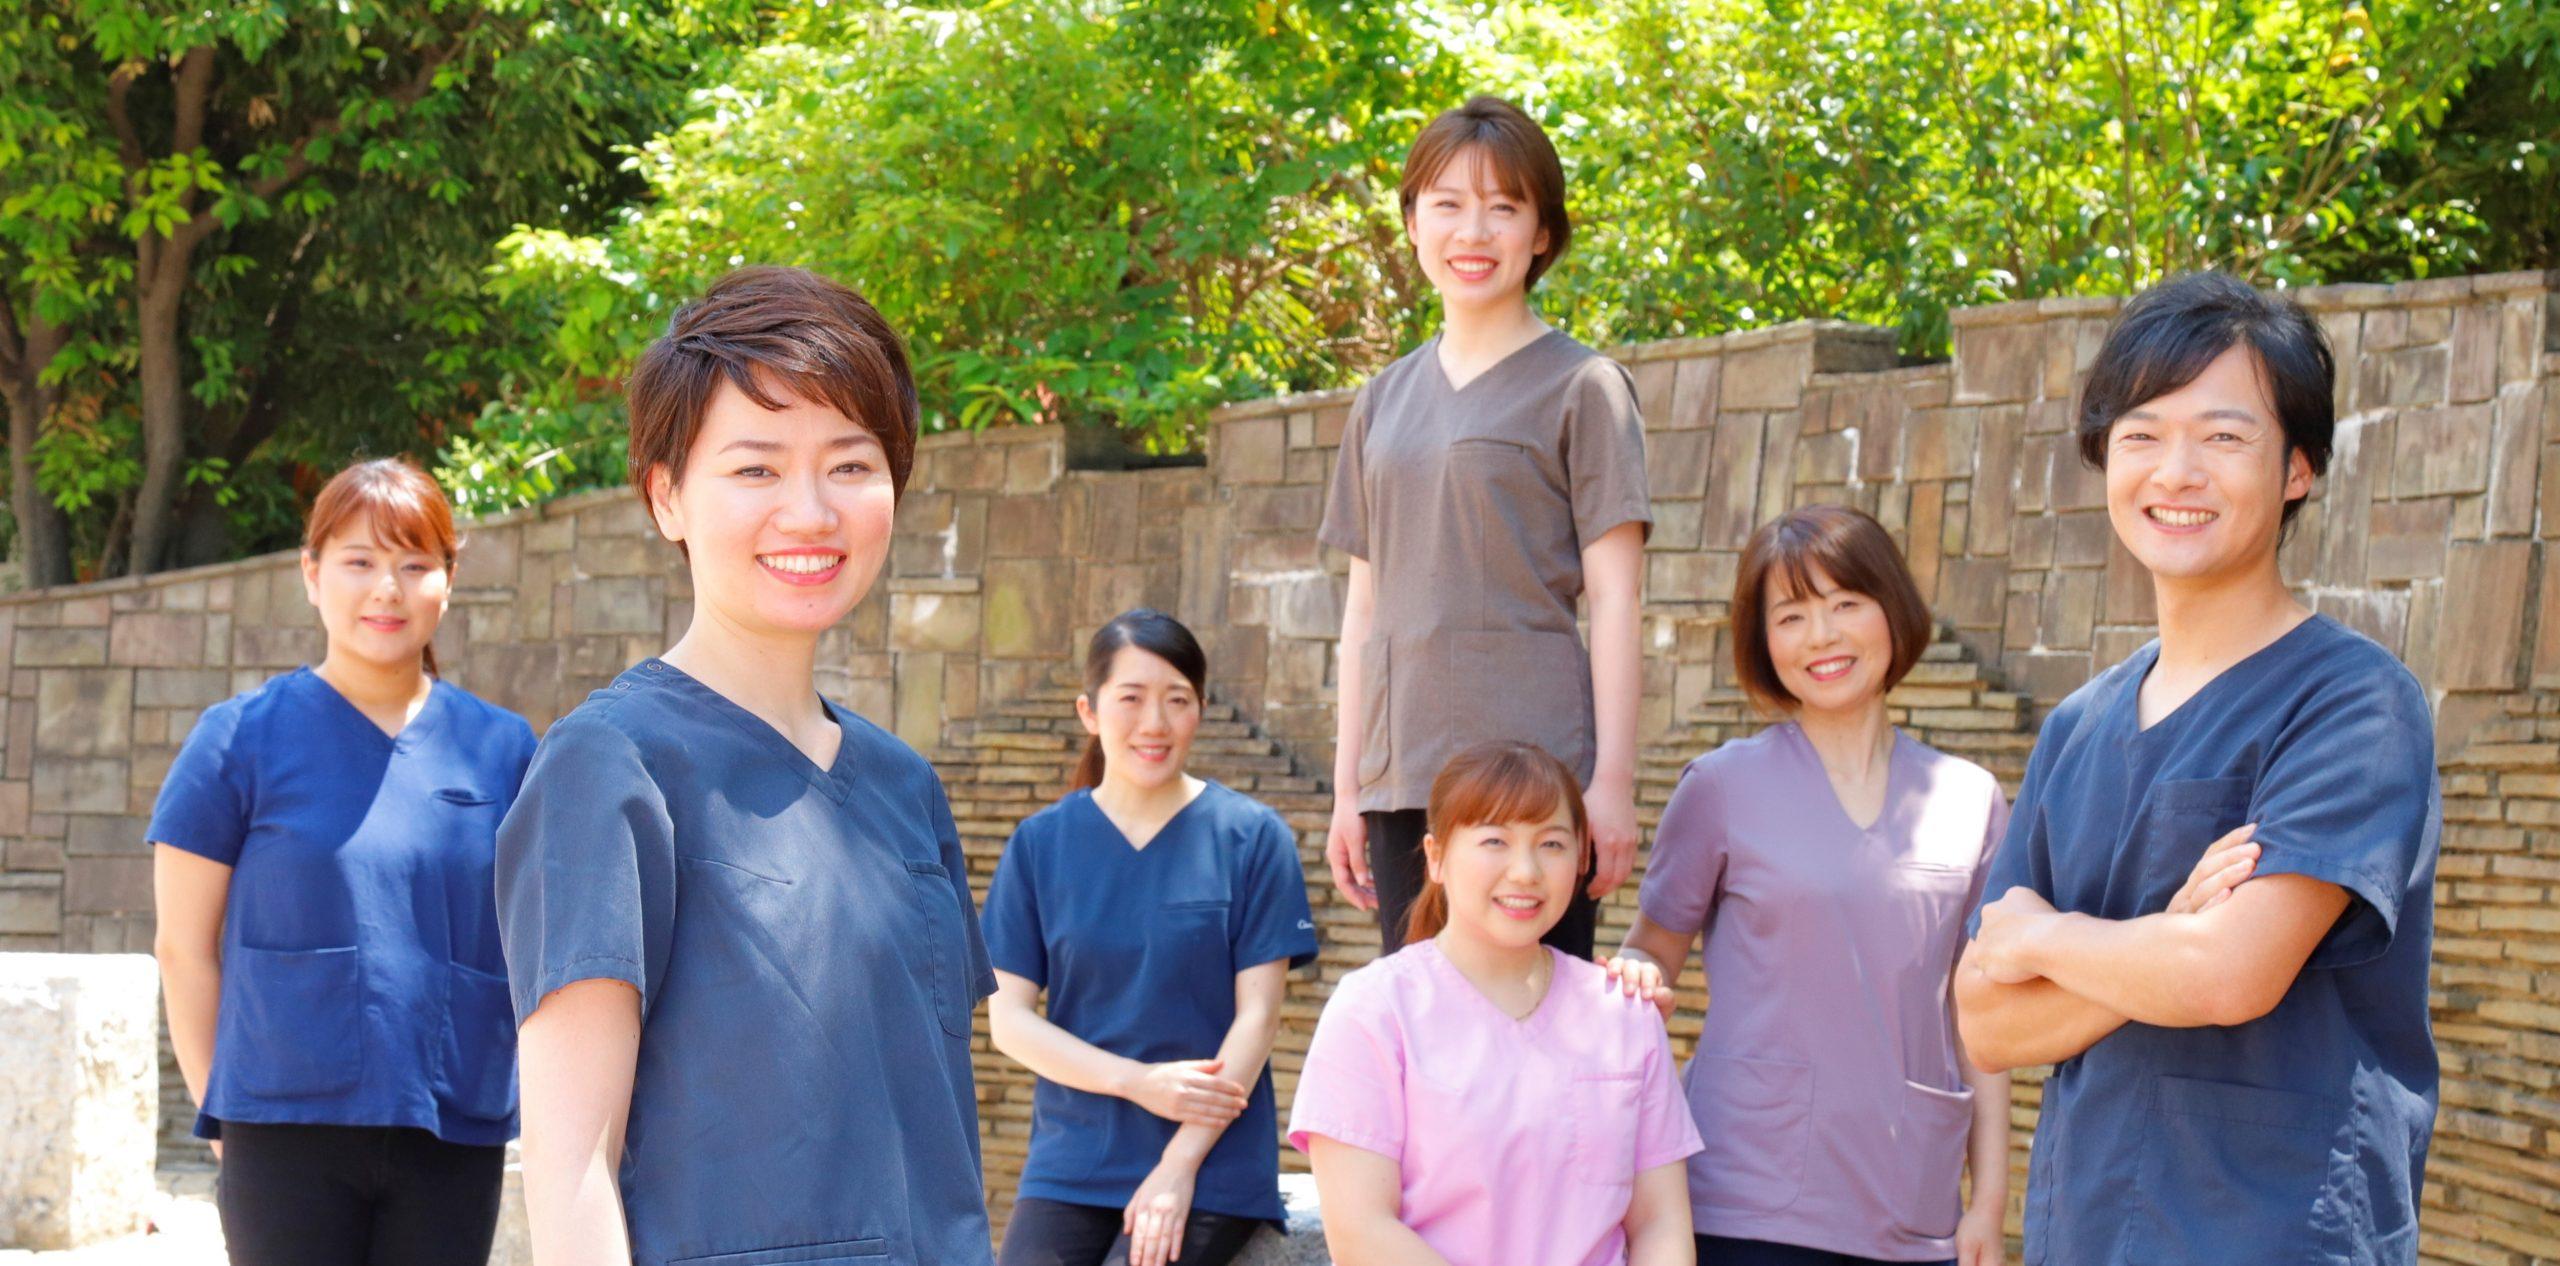 田中はり灸療院の集合写真